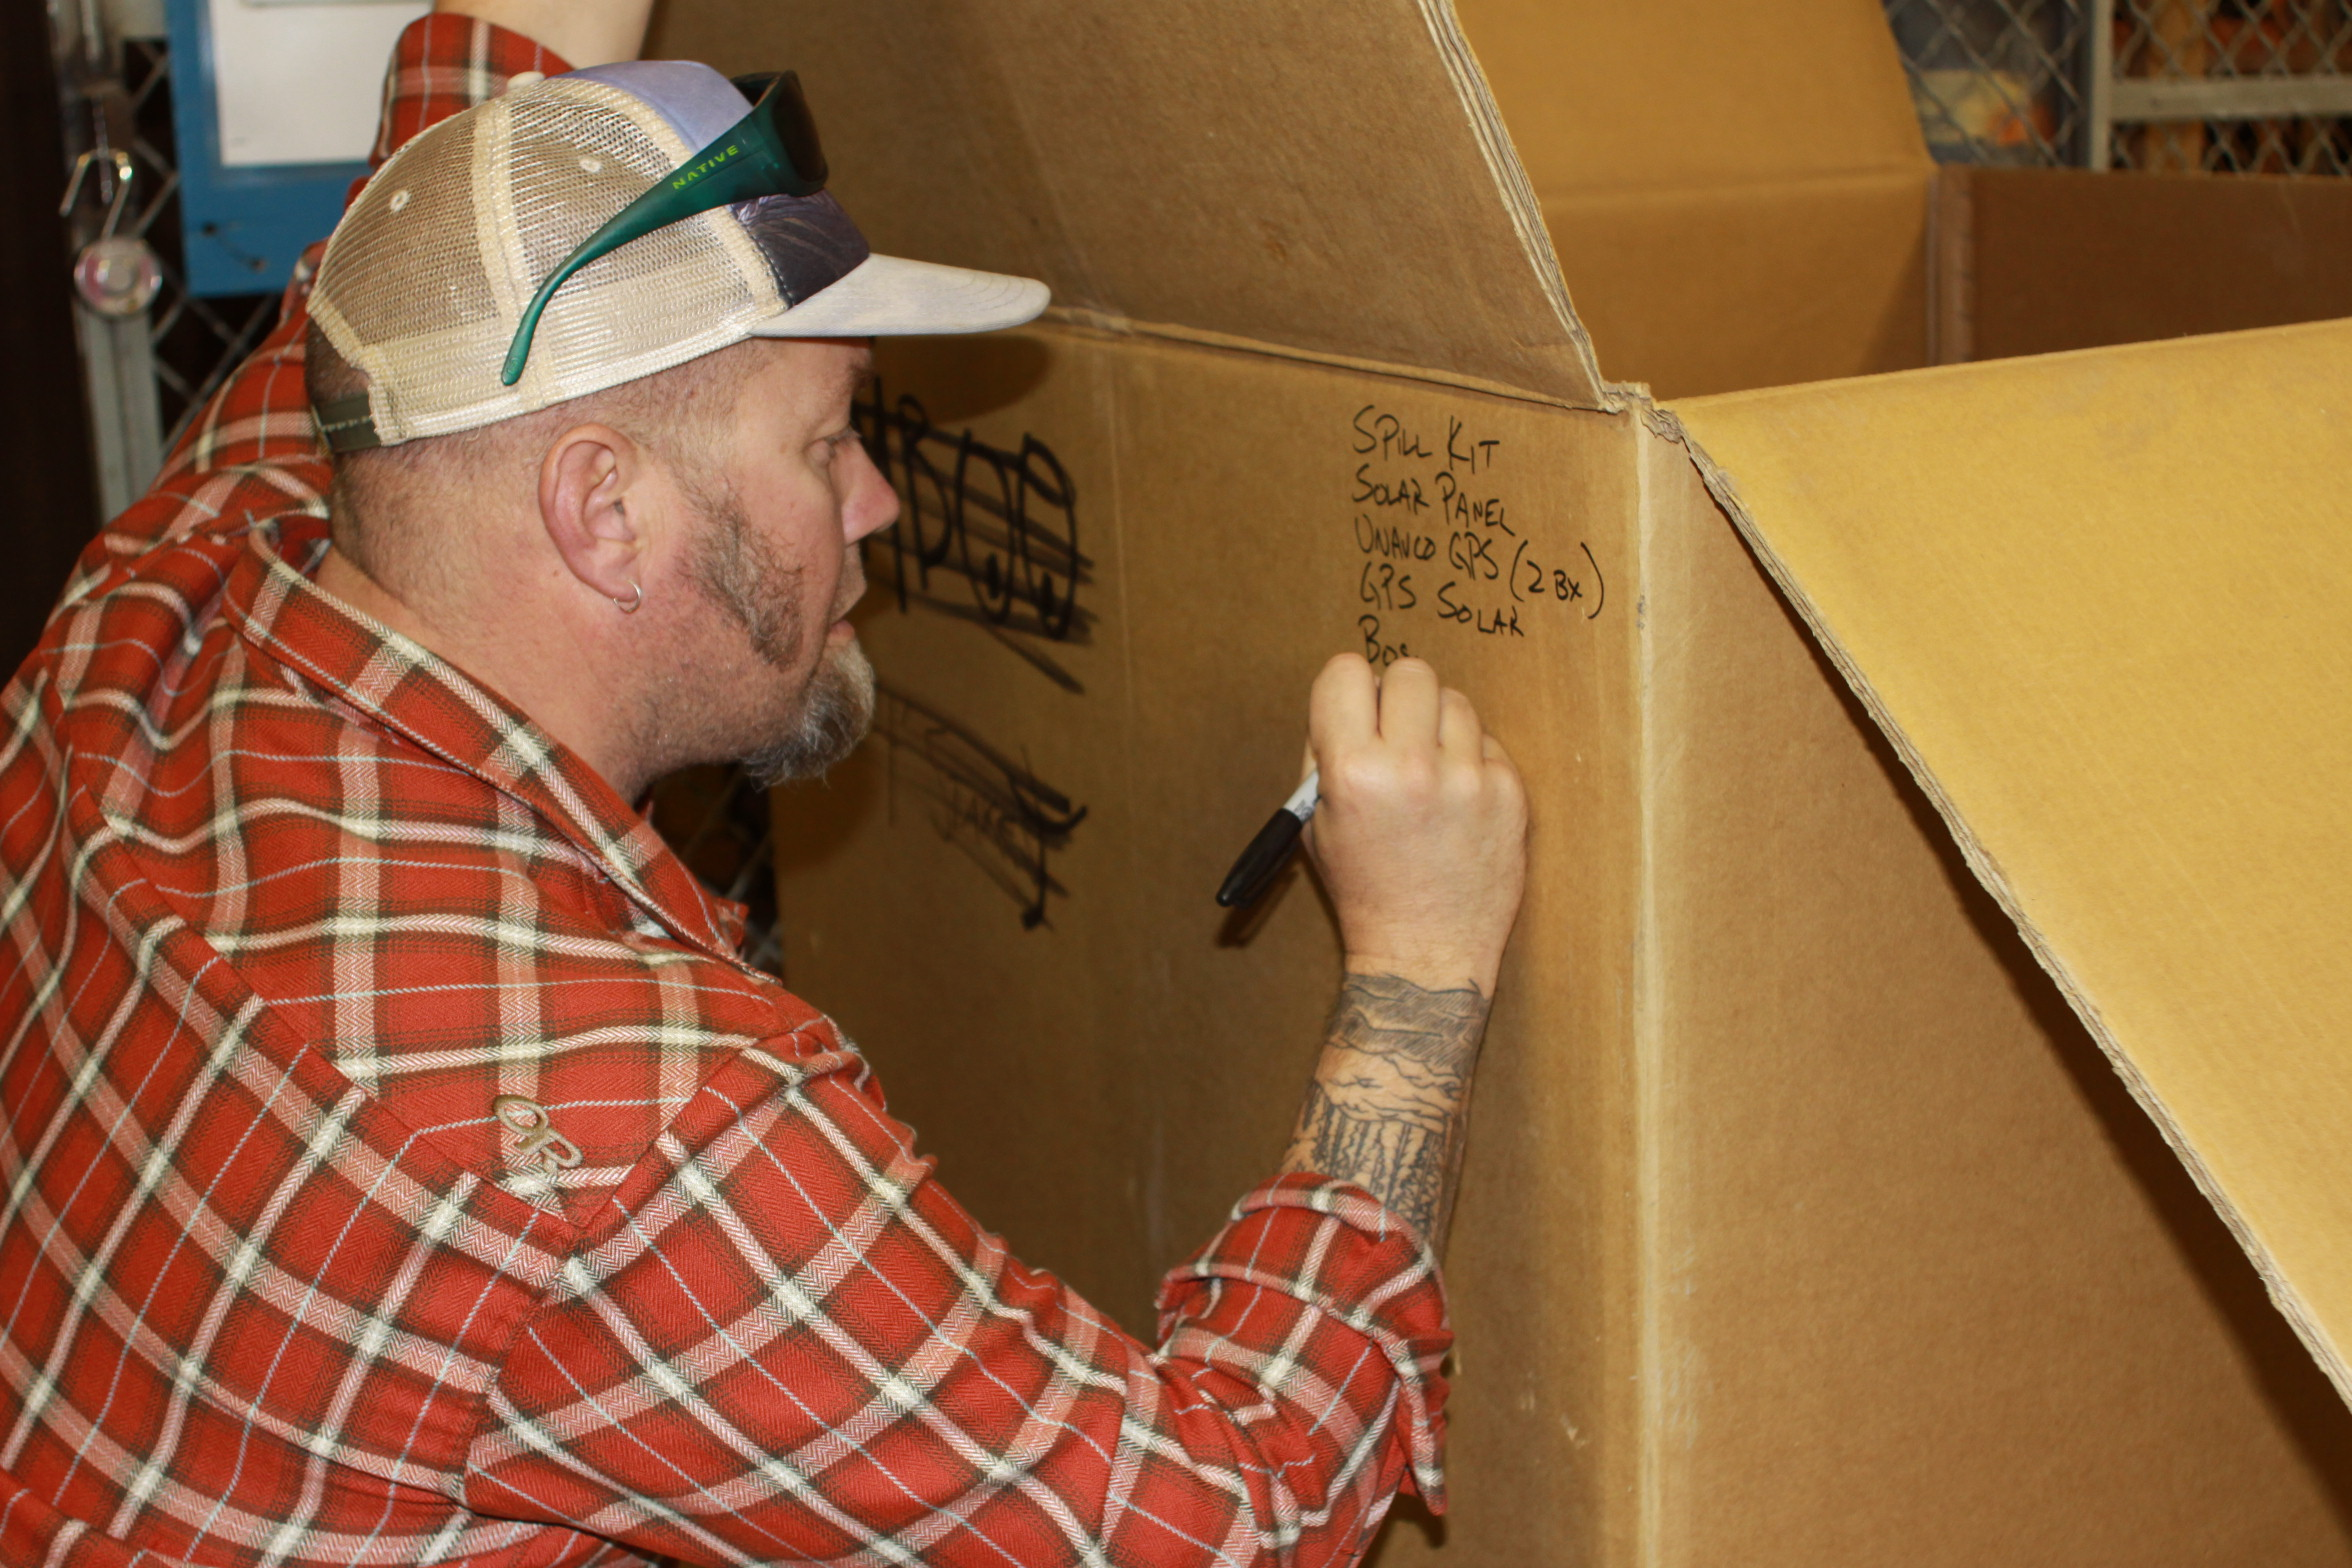 Chris cataloguing